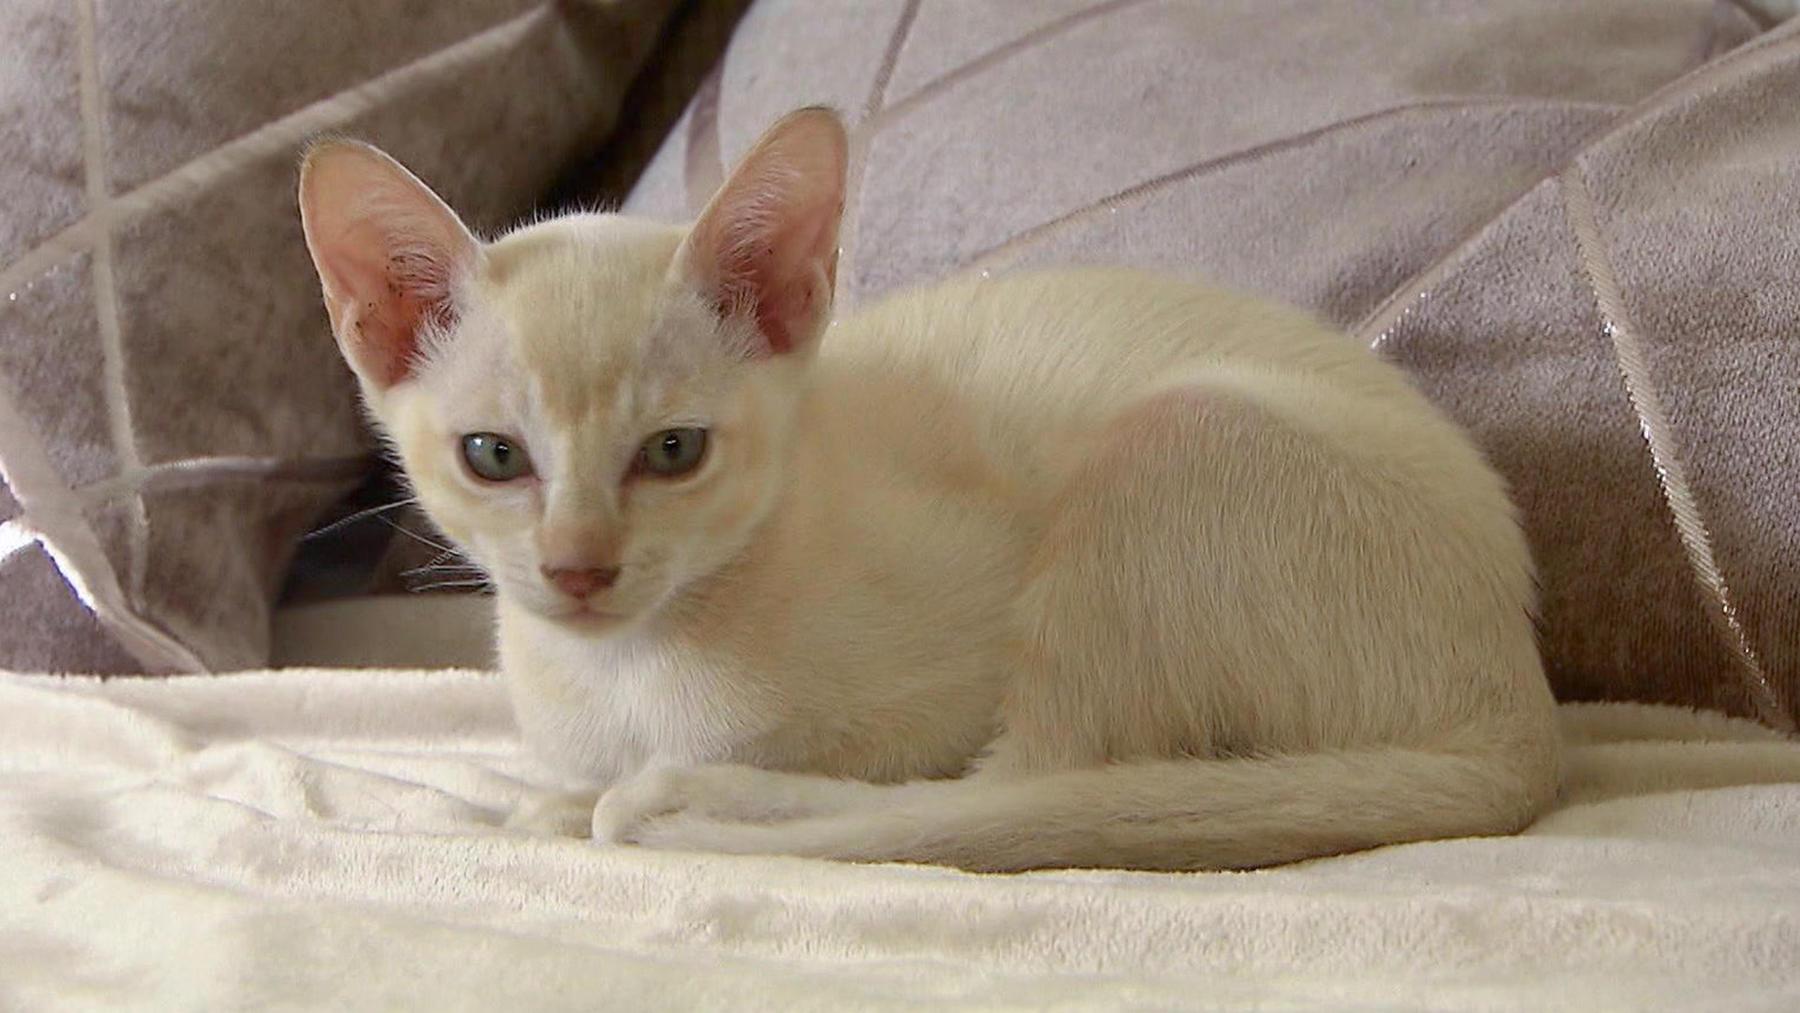 Heute u.a mit: Katzenportrait Tonkanesen